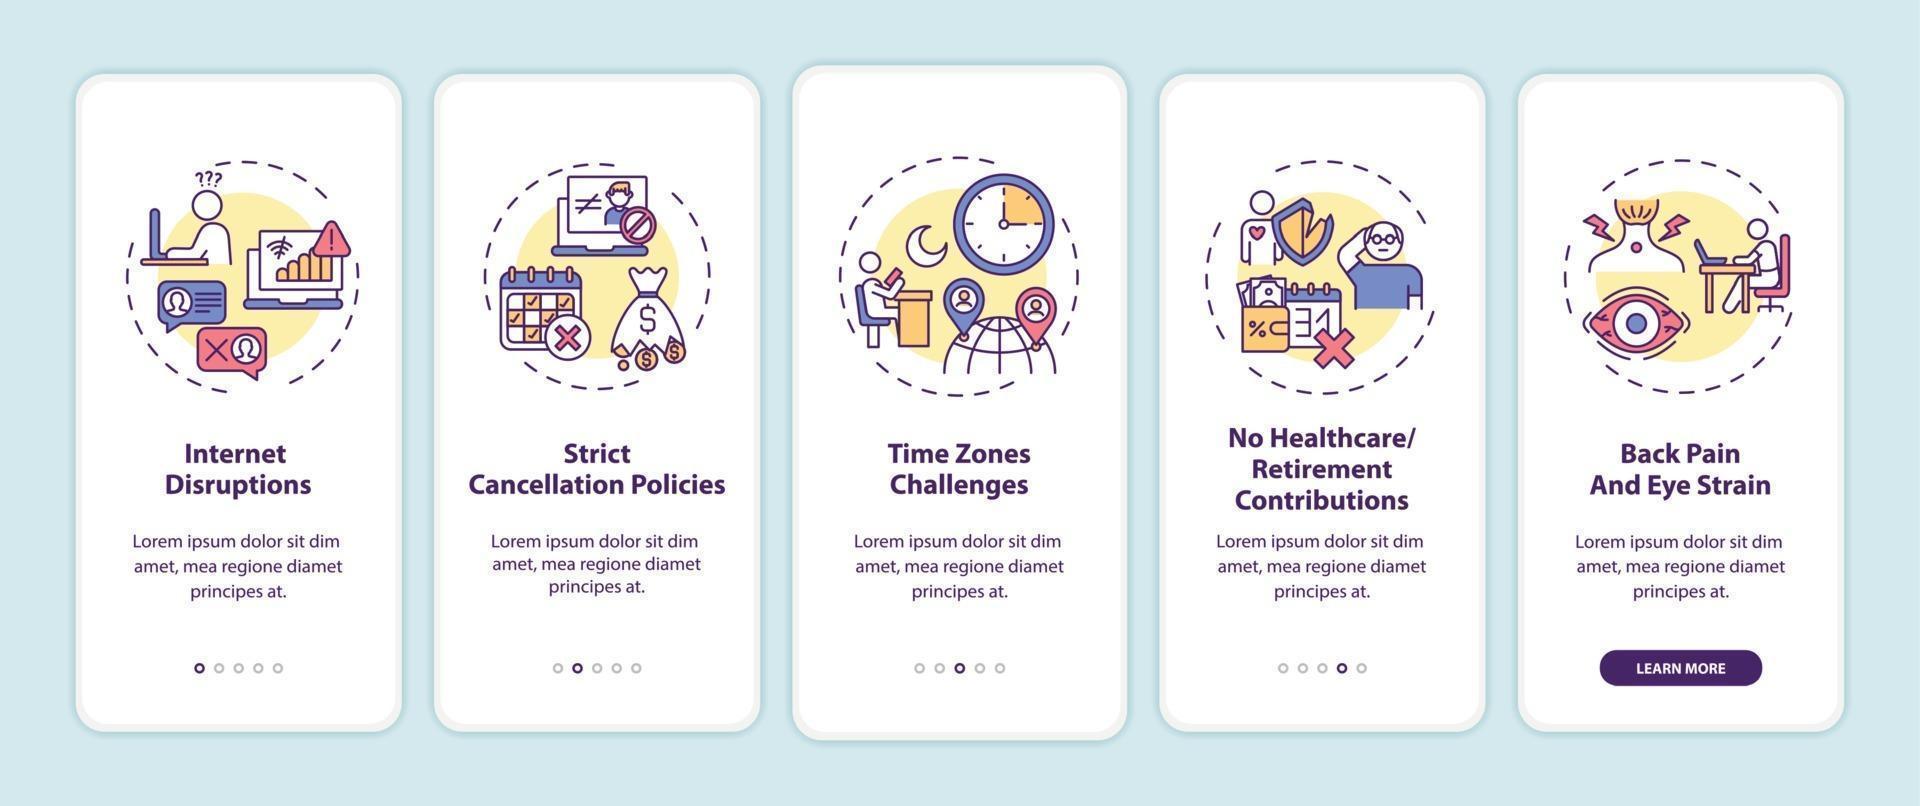 Desafios de ensino de inglês online na tela da página do aplicativo móvel com conceitos vetor